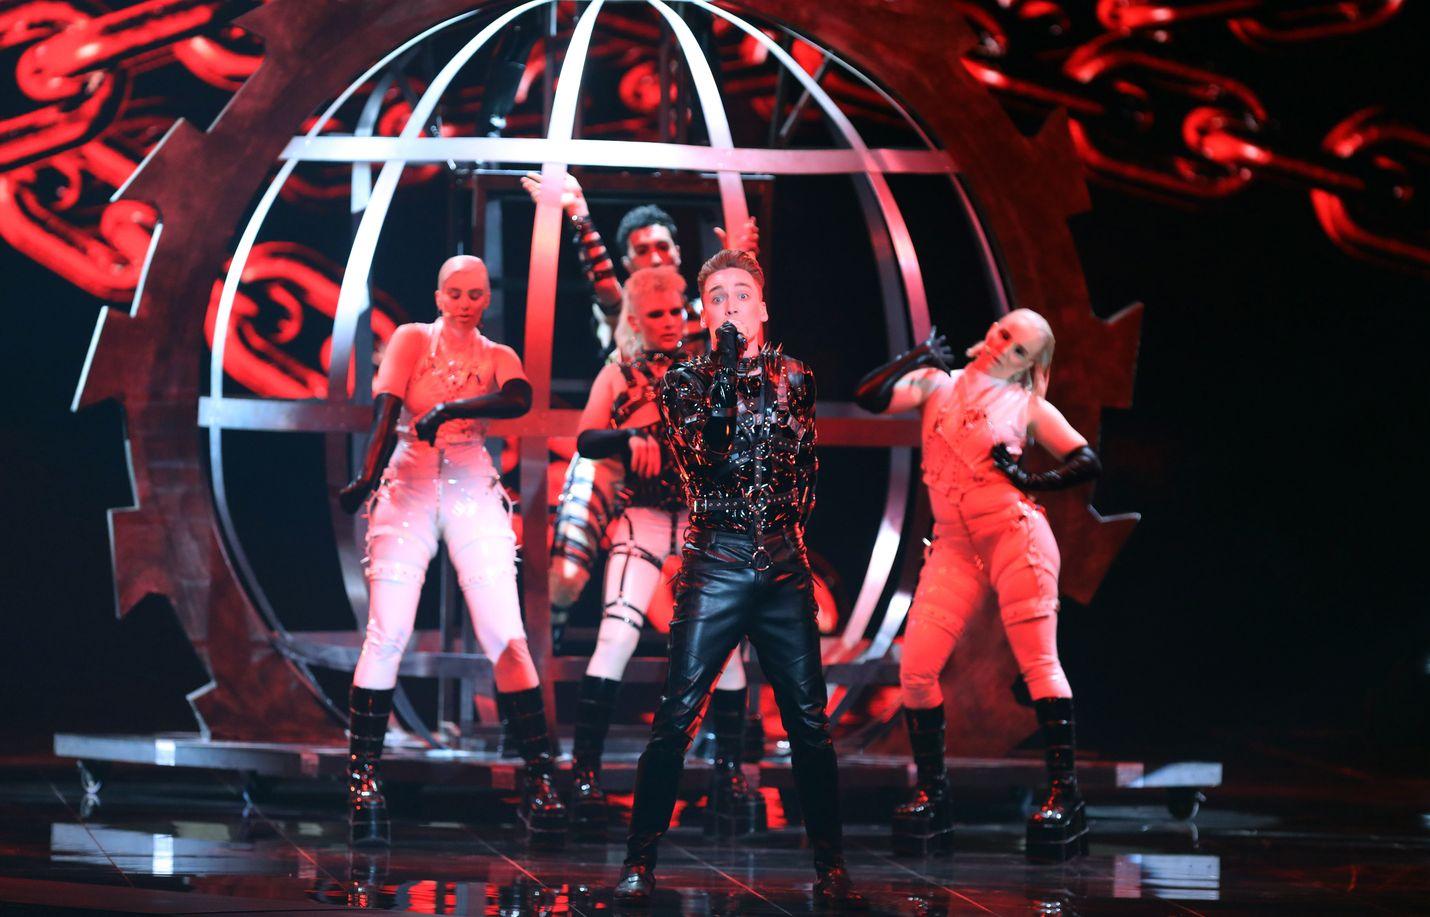 Islannin Hatari on mukana Euroviisujen finaalissa. Hatarin esiintyminen ja kappale jakavat mielipiteitä. Islantilaiset asuvat samassa hotellissa kuin suomalaiset.